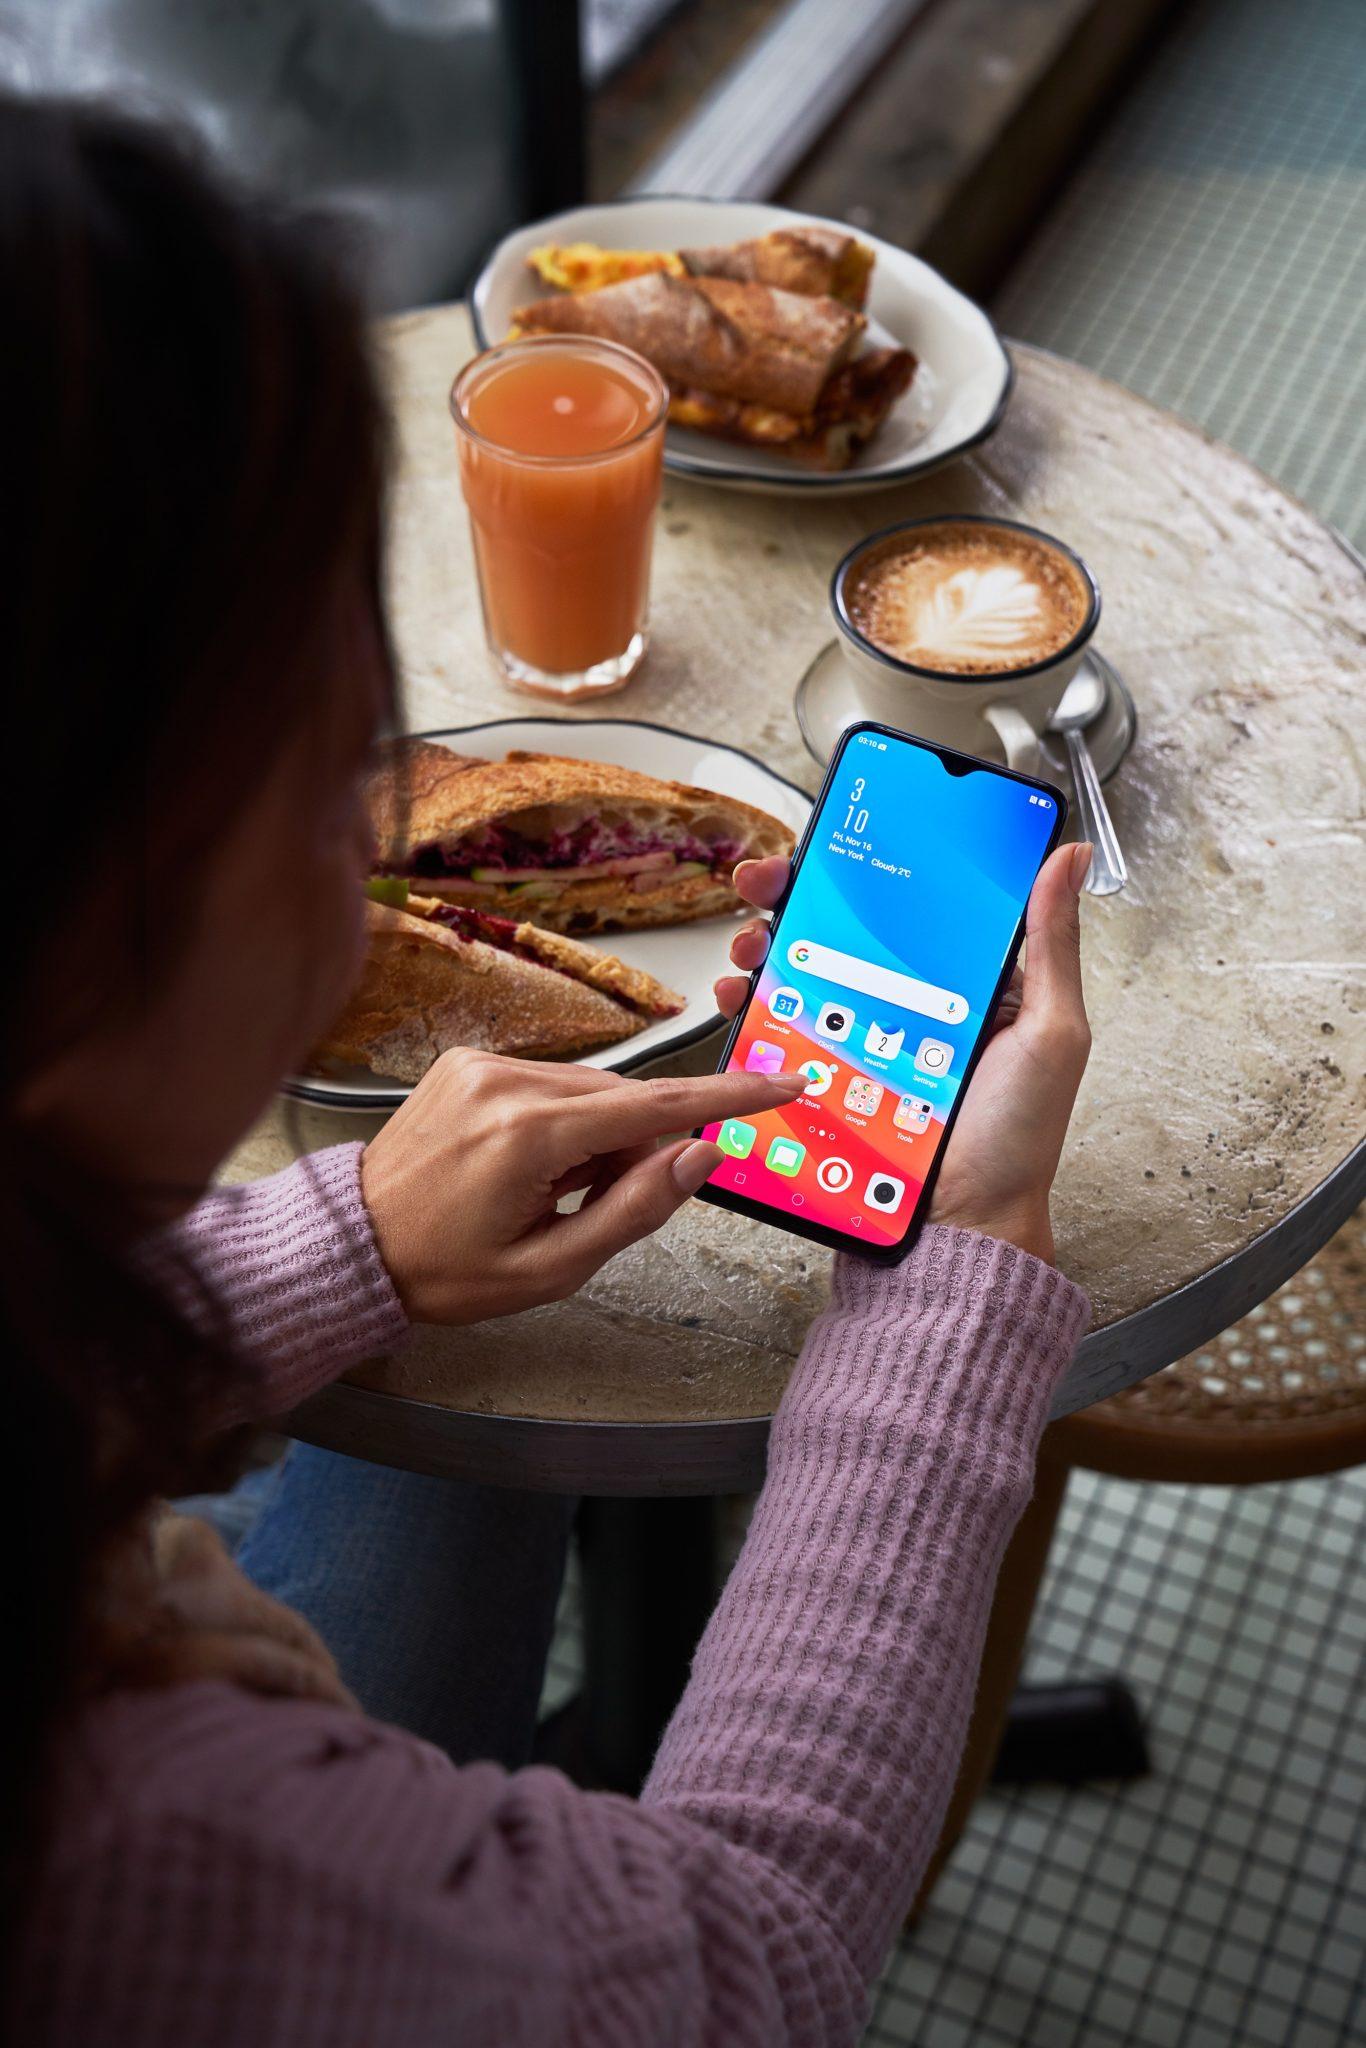 Dziewczyna klikająca na telefon przy śniadaniu